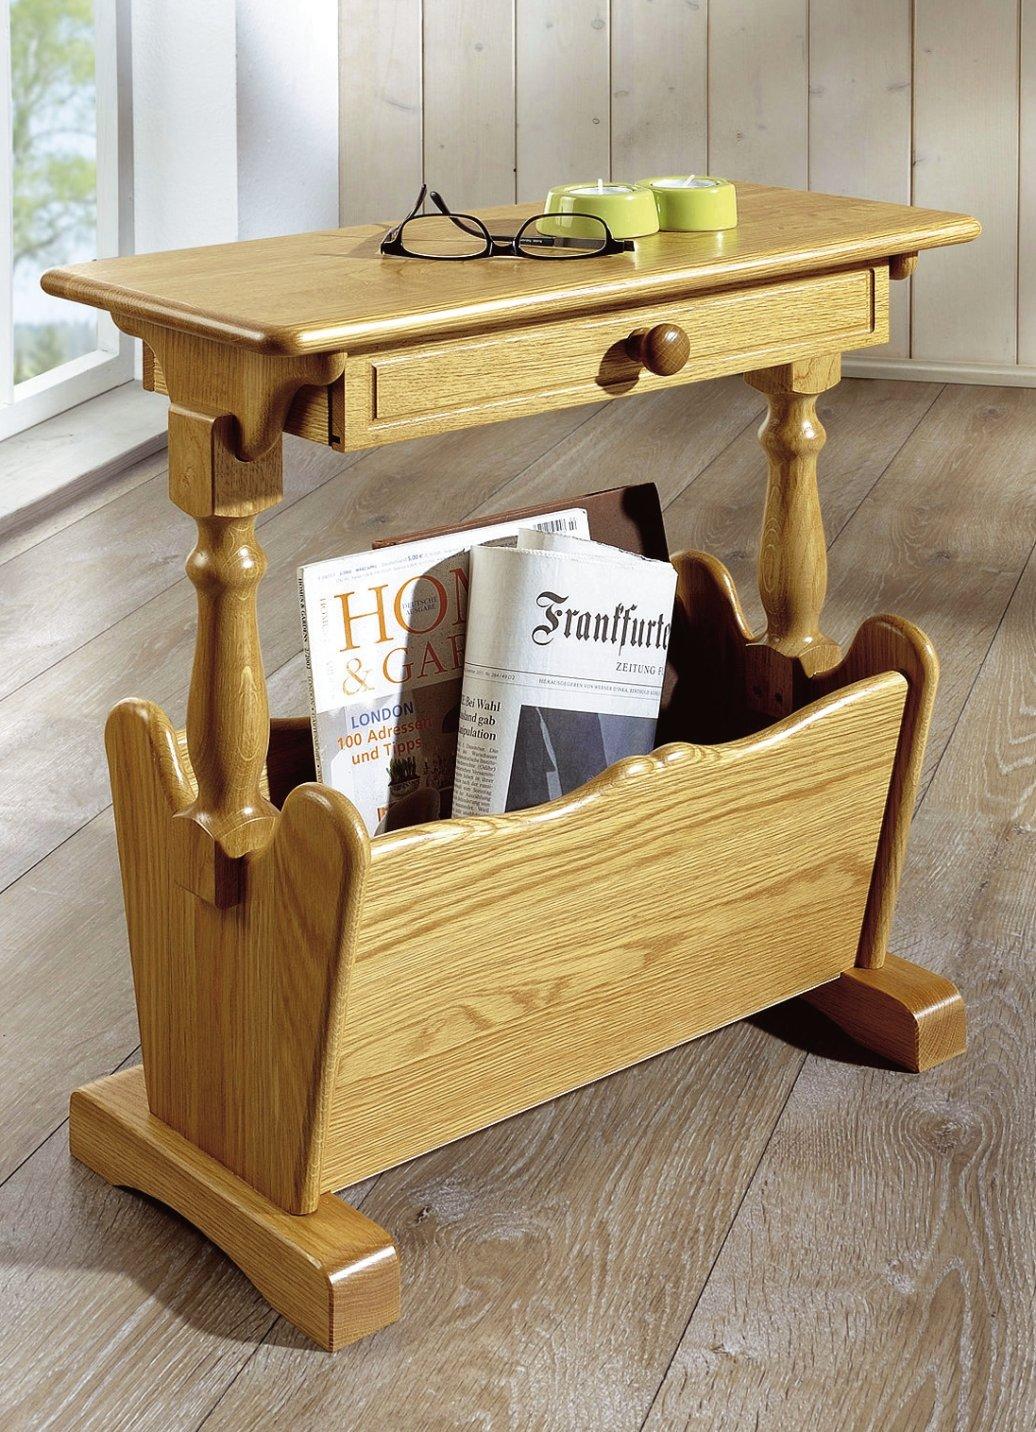 zeitungsst nder holz eiche rustikal mit ablagetisch zeitungstisch beistelltisch ebay. Black Bedroom Furniture Sets. Home Design Ideas